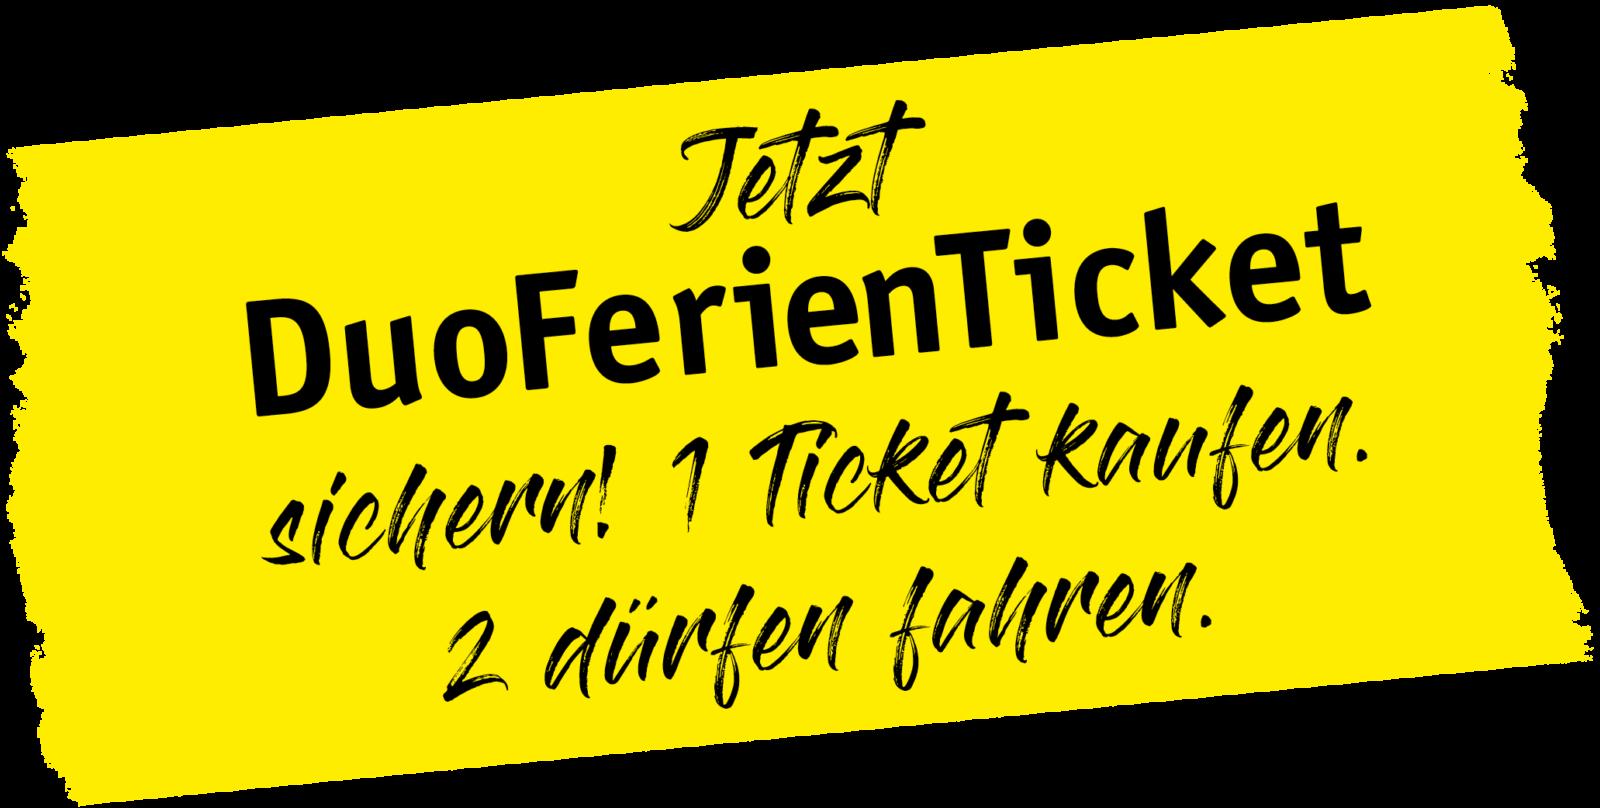 Jetzt DuoFerienTicket sichern!  1 Ticket kaufen. 2 dürfen fahren.